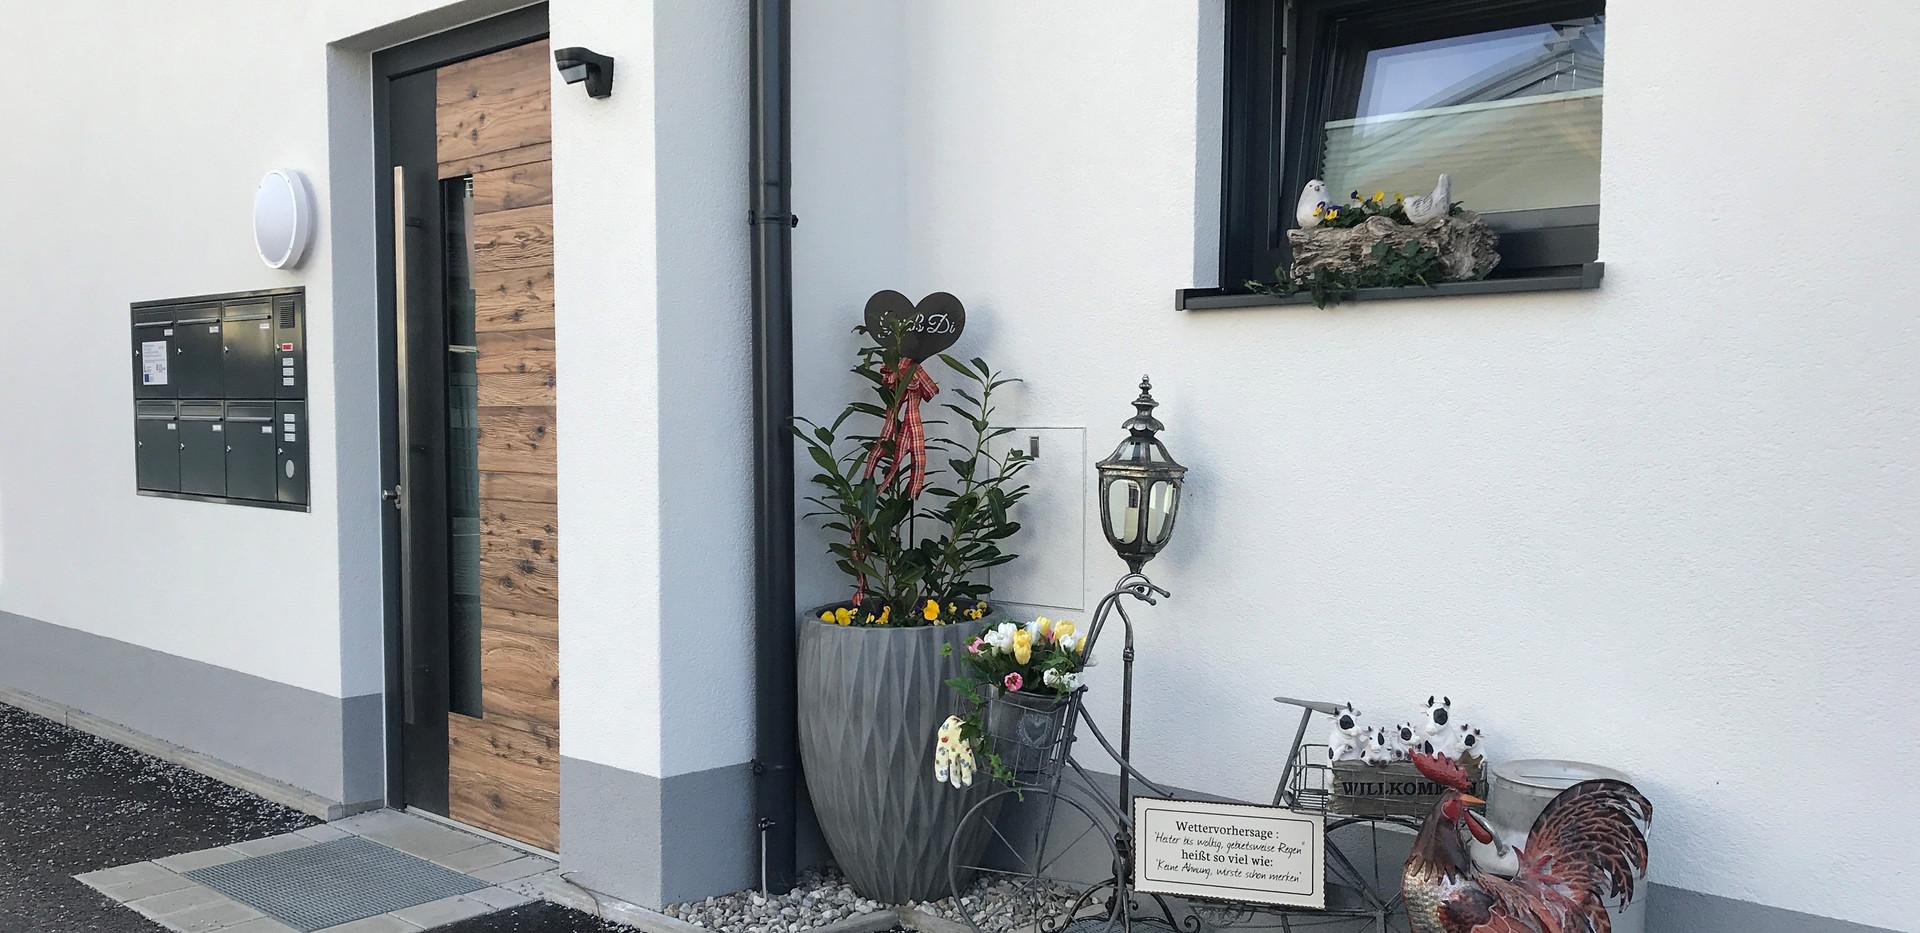 Eingang Wohnhaus.jpg